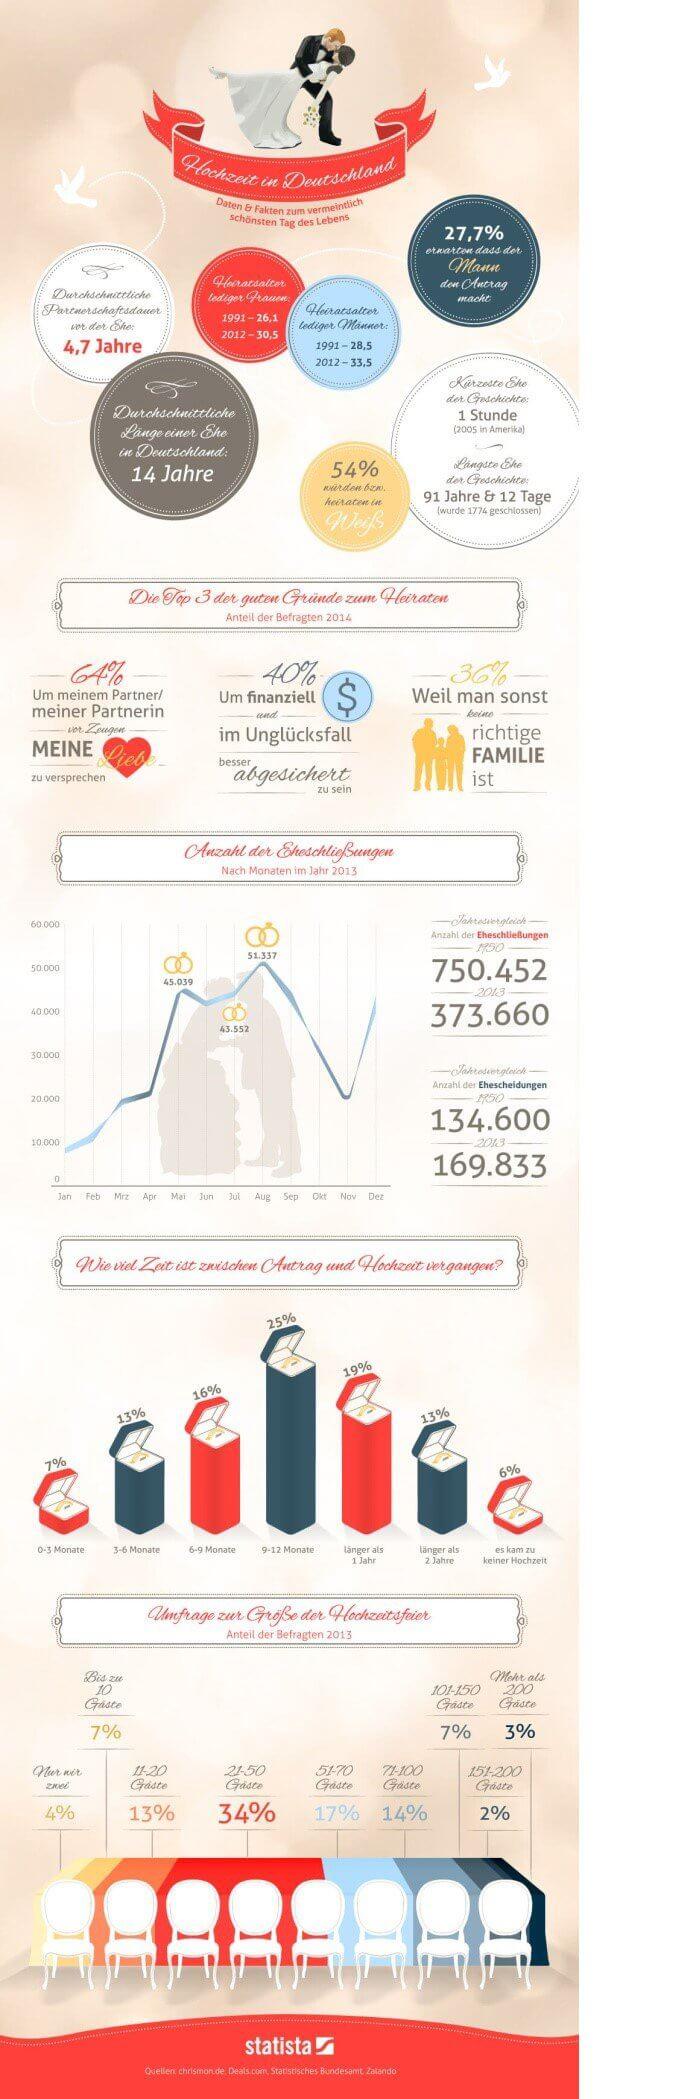 Hochzeiten in Deutschland